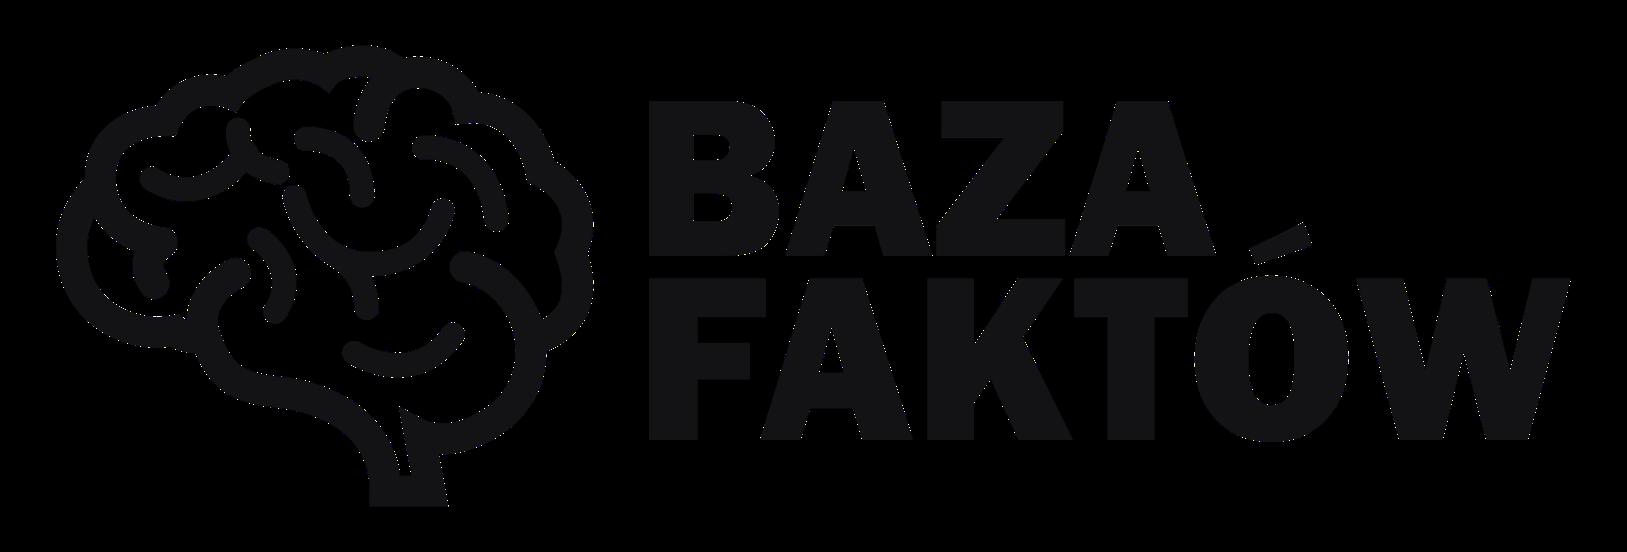 Bazafaktow.pl - Najciekawsze posty każdego dnia!